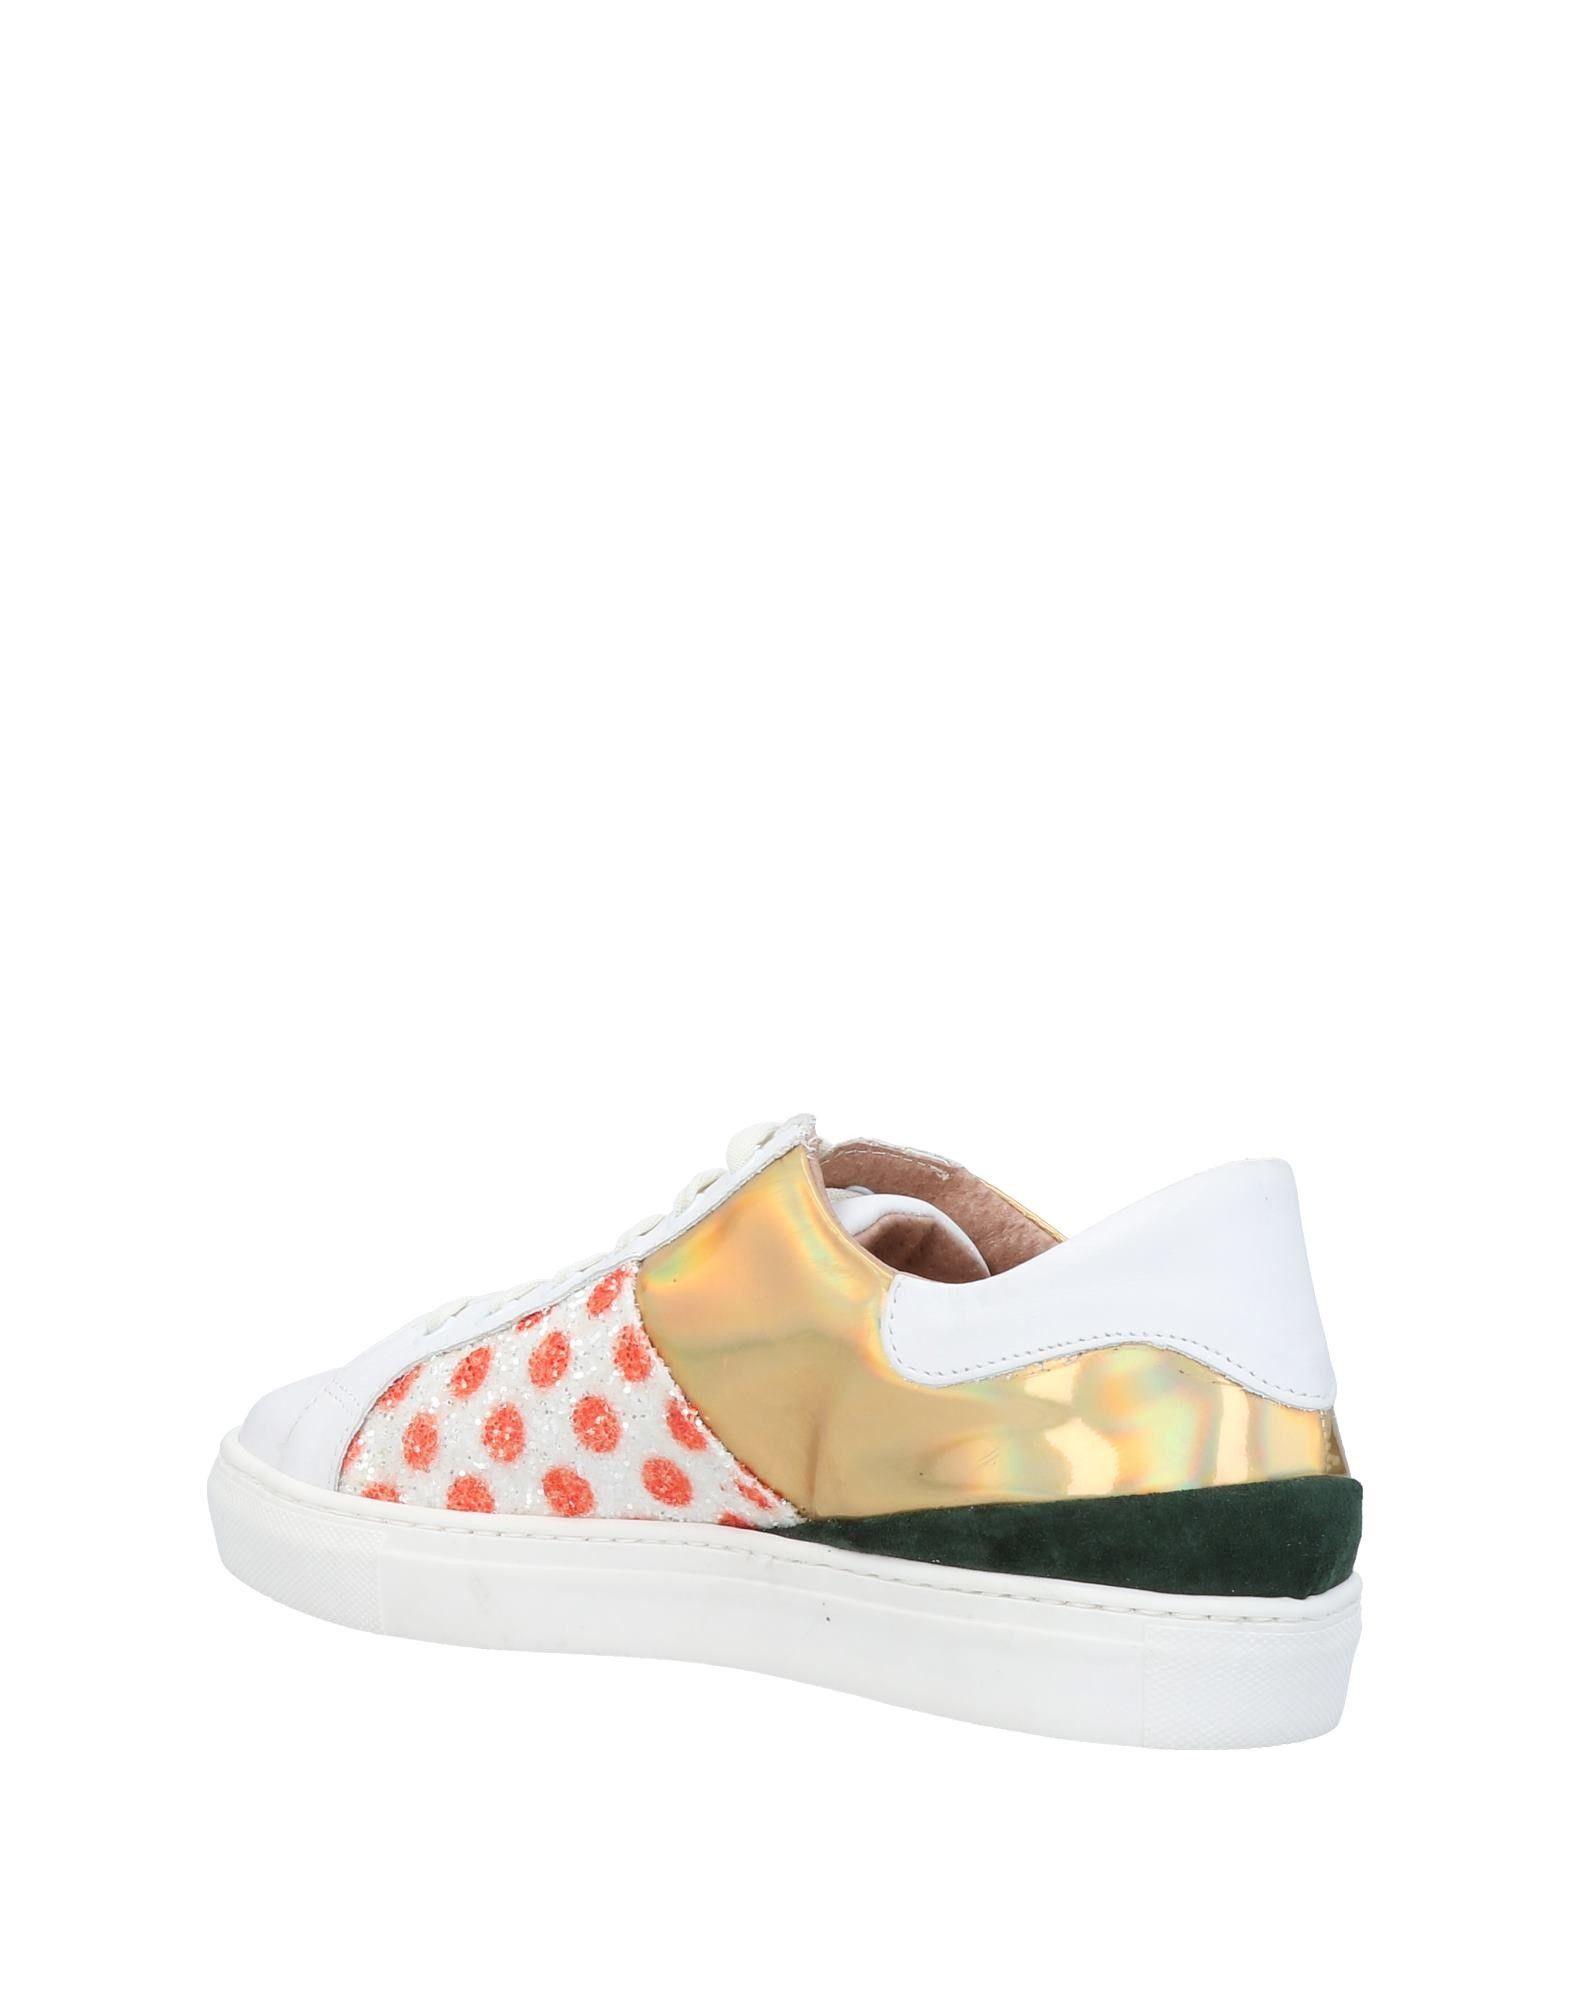 Tsd12 Sneakers es Damen Gutes Preis-Leistungs-Verhältnis, es Sneakers lohnt sich b7aea1